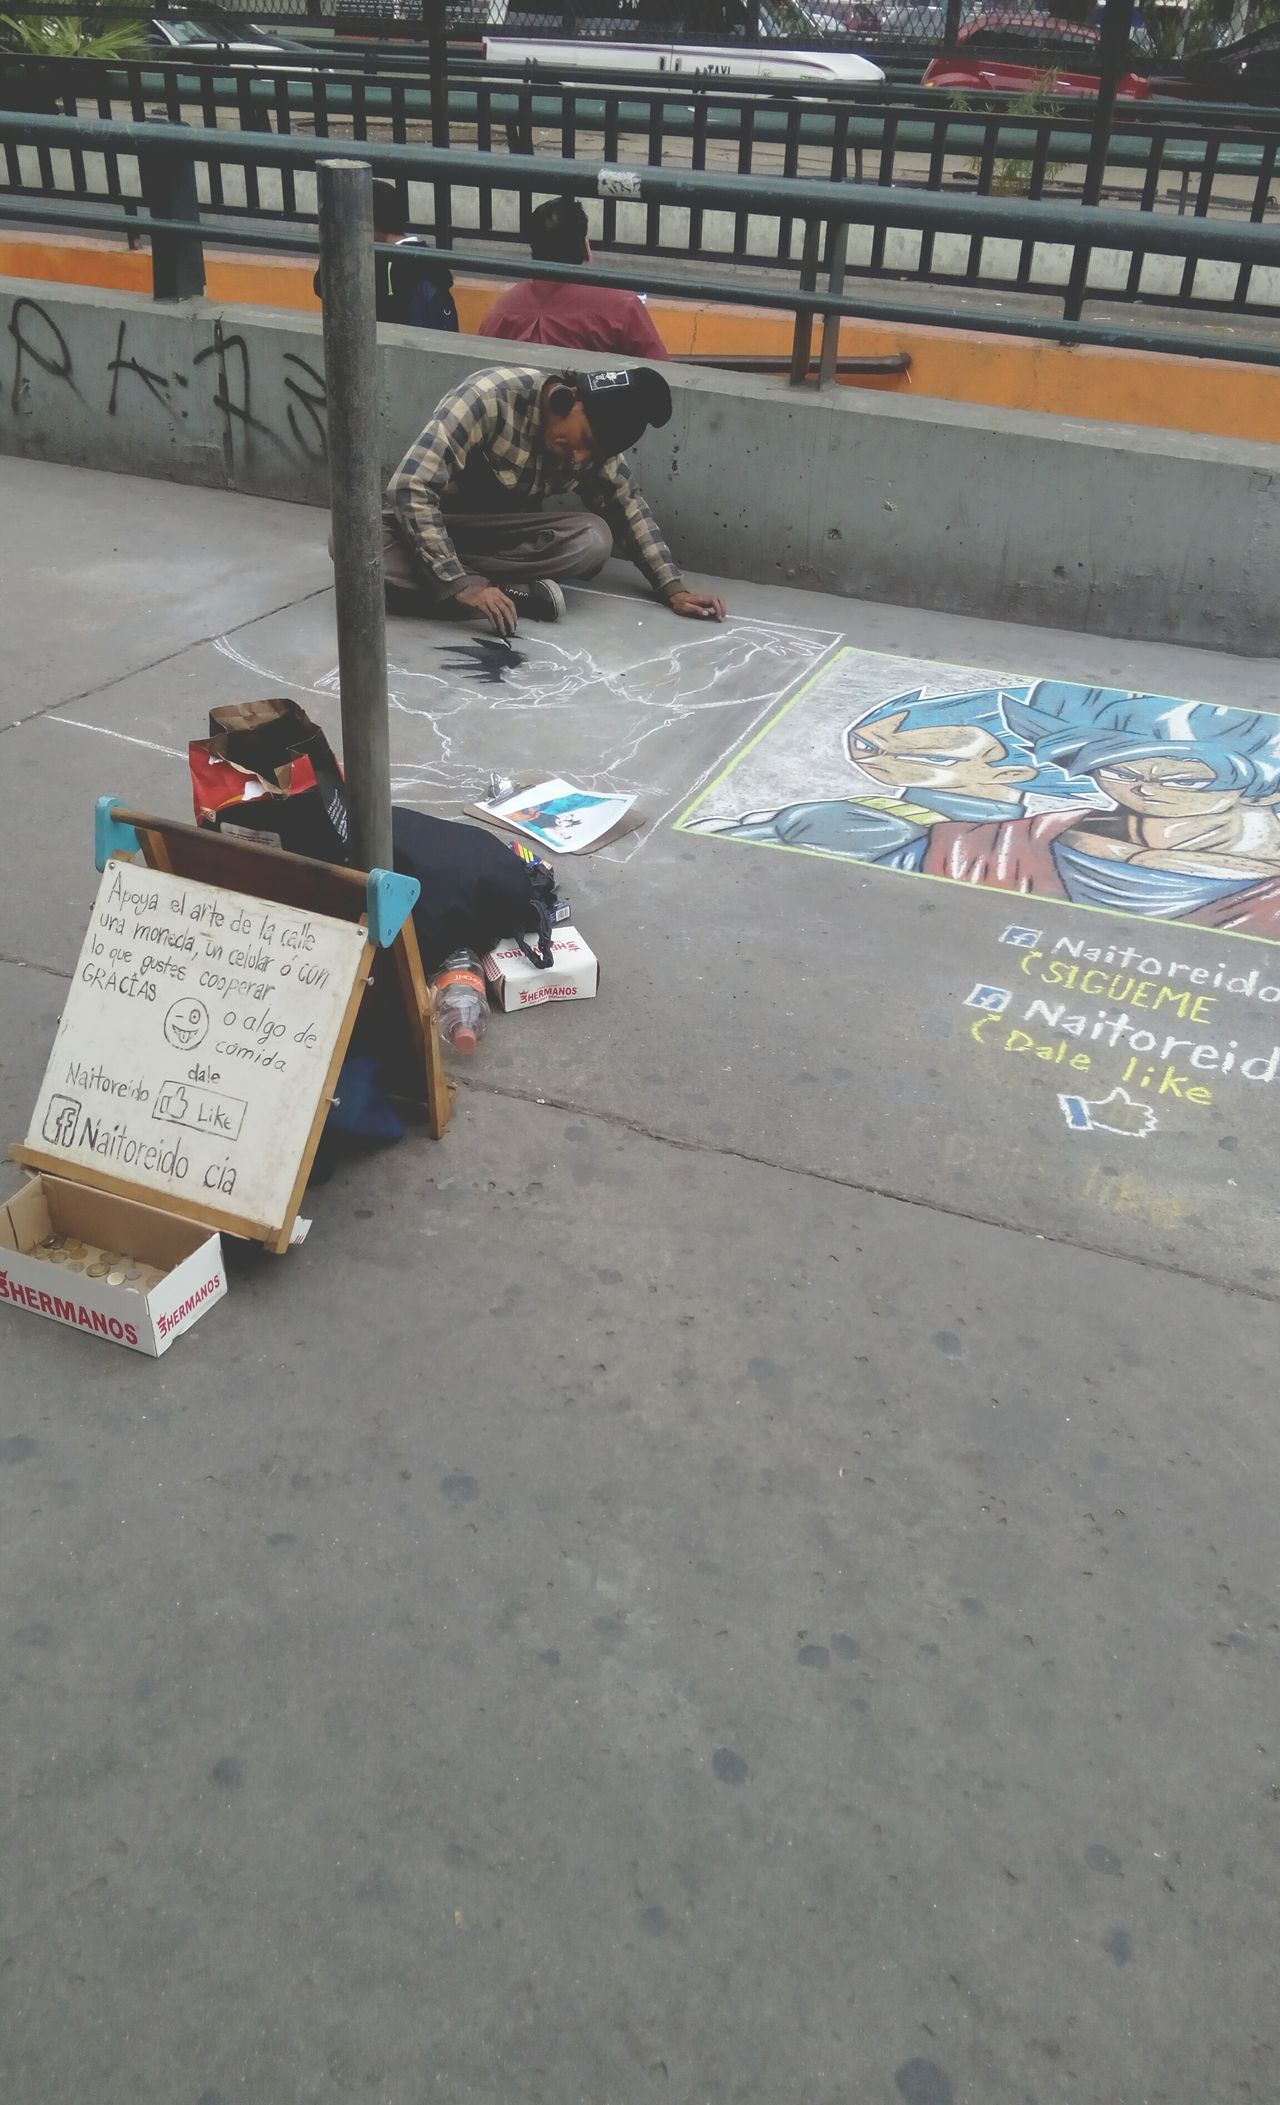 Esto es arte 🎨🎭📷💭 creado por natoreido si quieres ver mas sobre sus obras de arte buscalo en facebook y regalale un like Naitoreido artecallejero Tijuana, Mexico Arteurbano 5y10